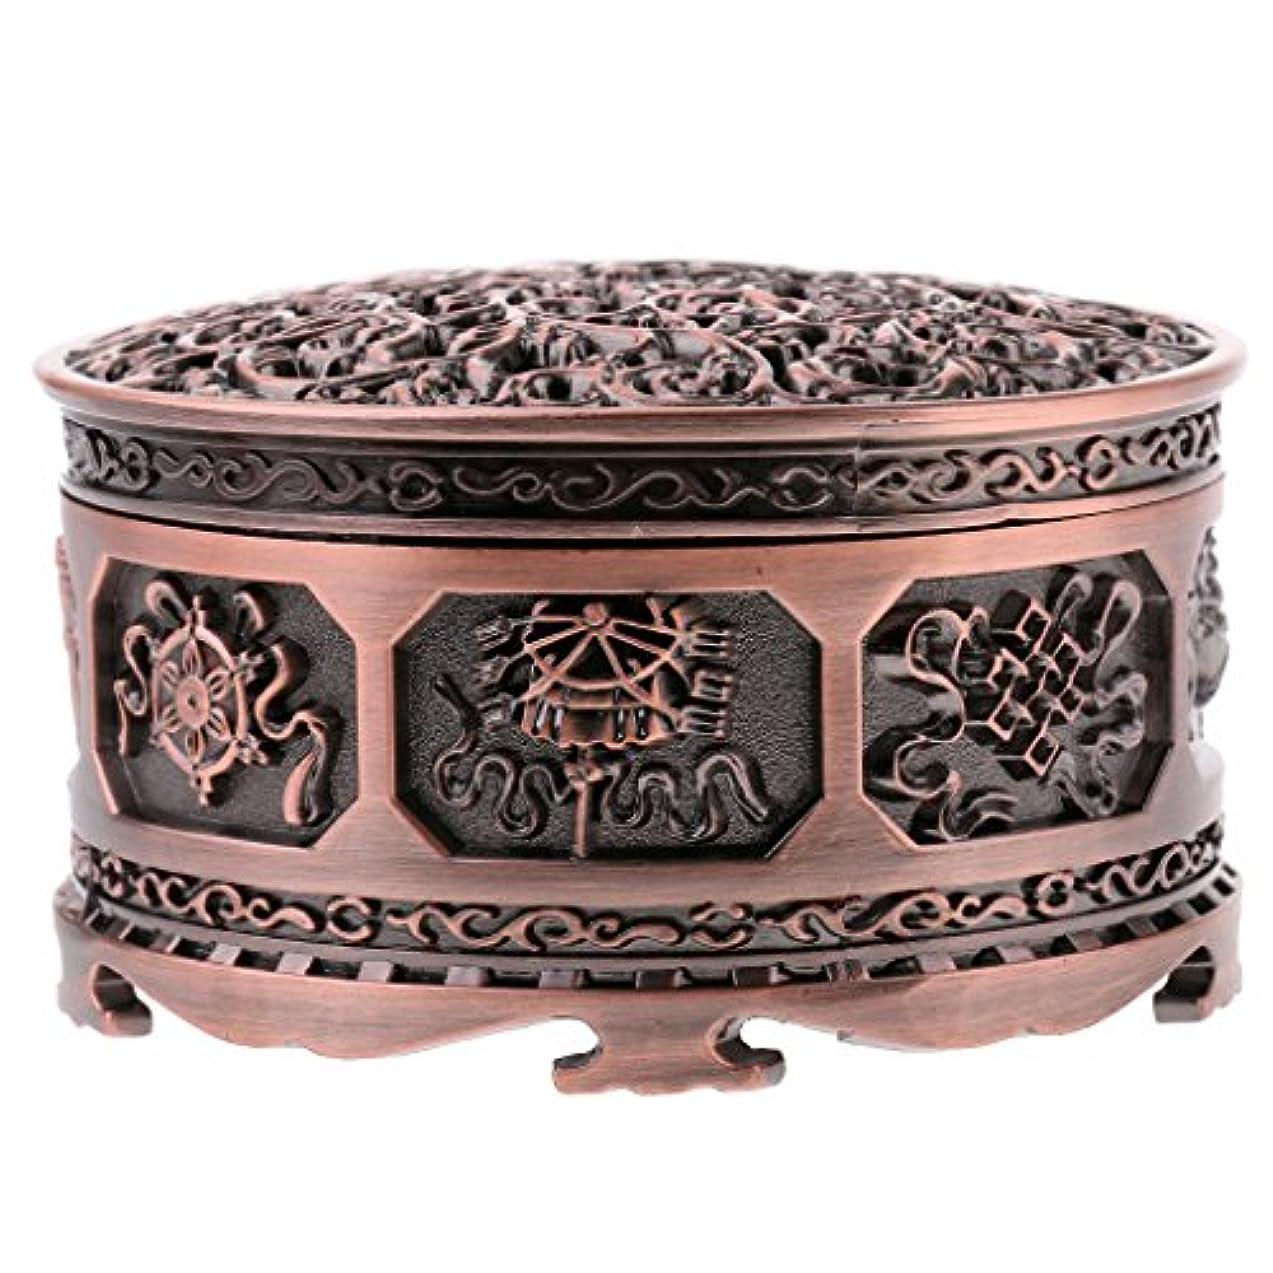 縮約異なる詳細にFenteer チベット 合金 香りバーナー 煙 コーン 香炉 金属 アロマストーブ ホーム 装飾 全3色 - 浓いかっしょく